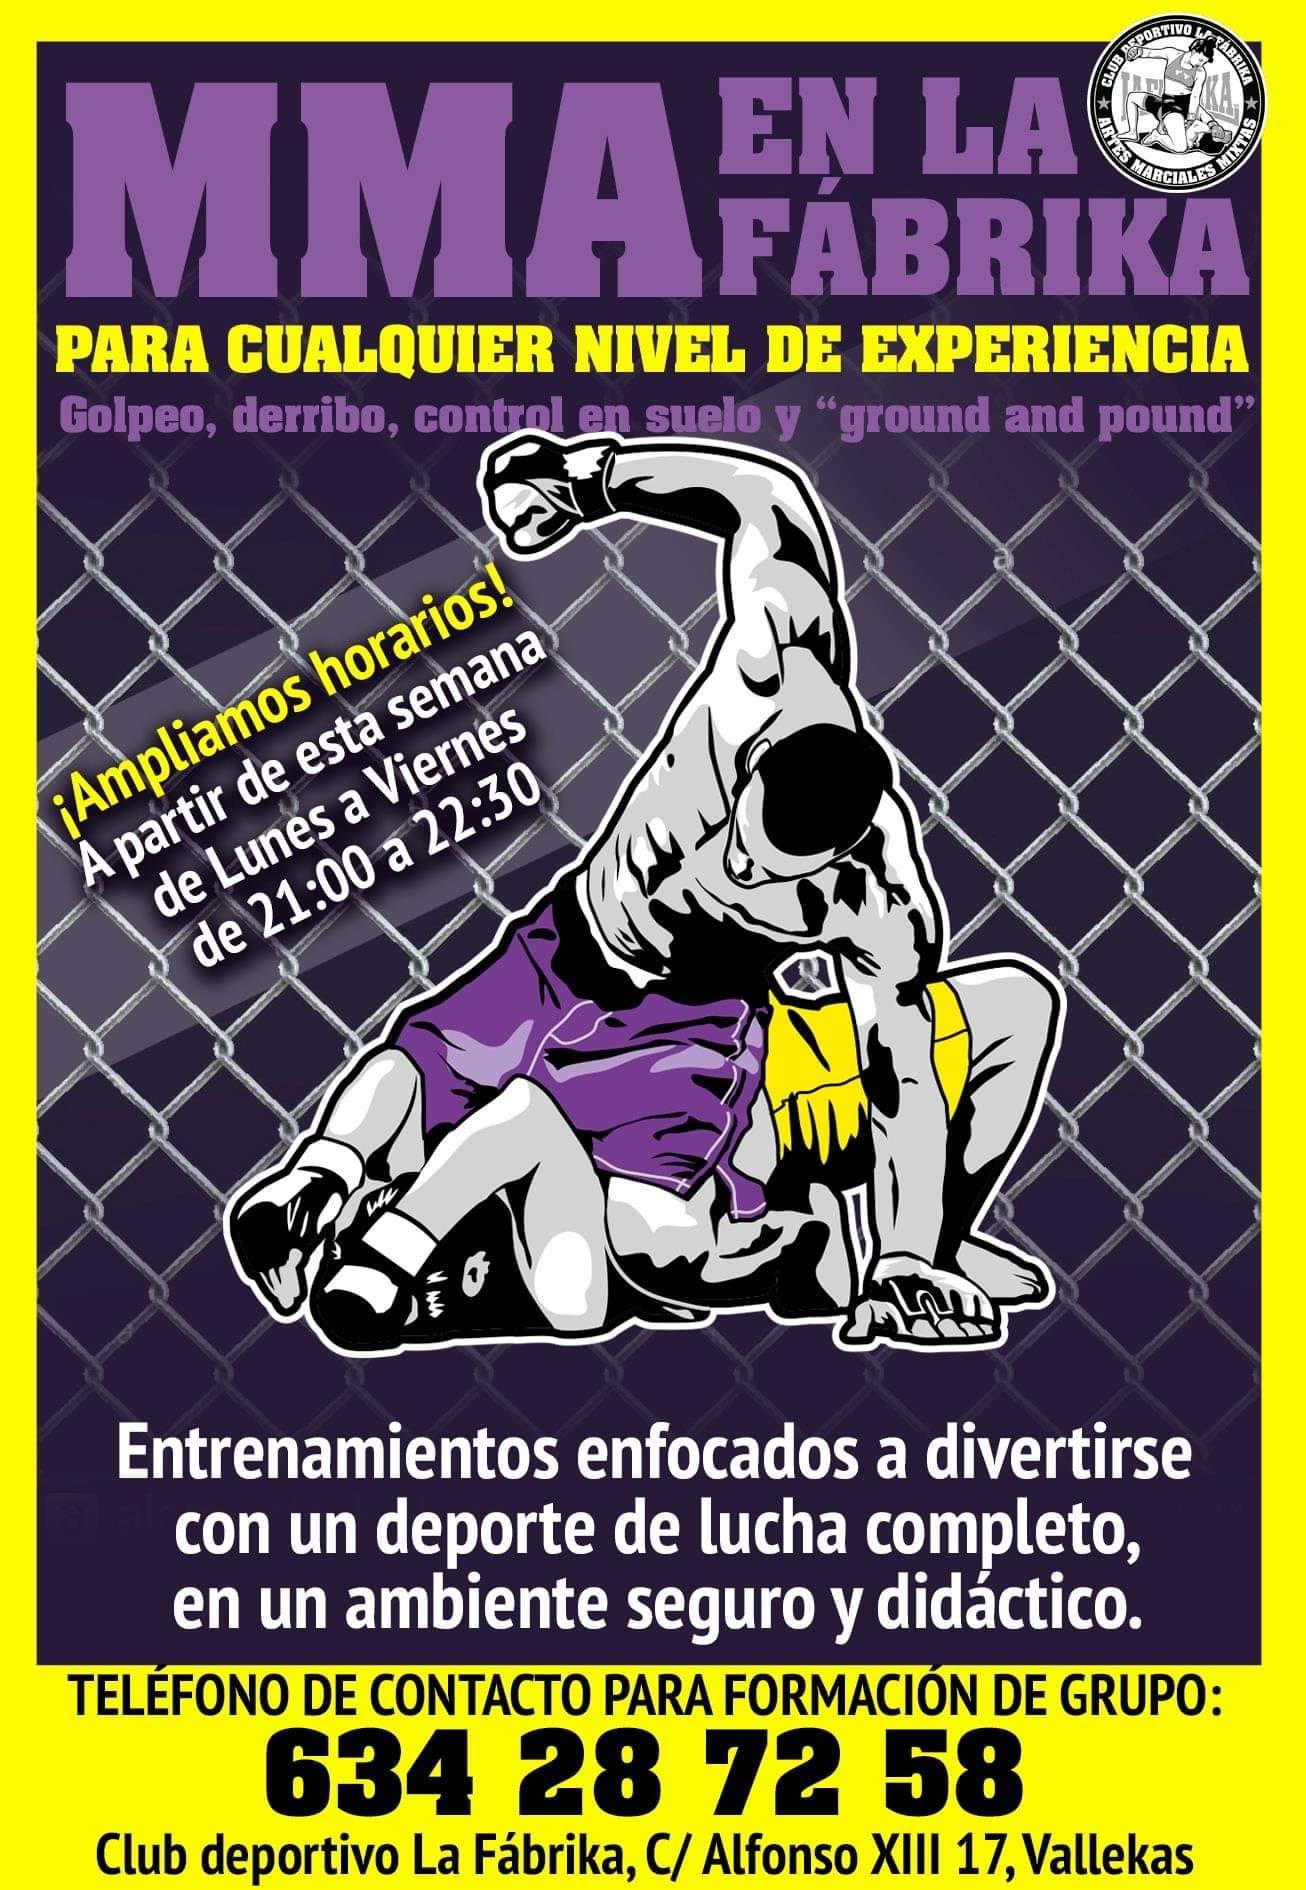 MMA Escuela de boxeo La Fabrika Vallecas